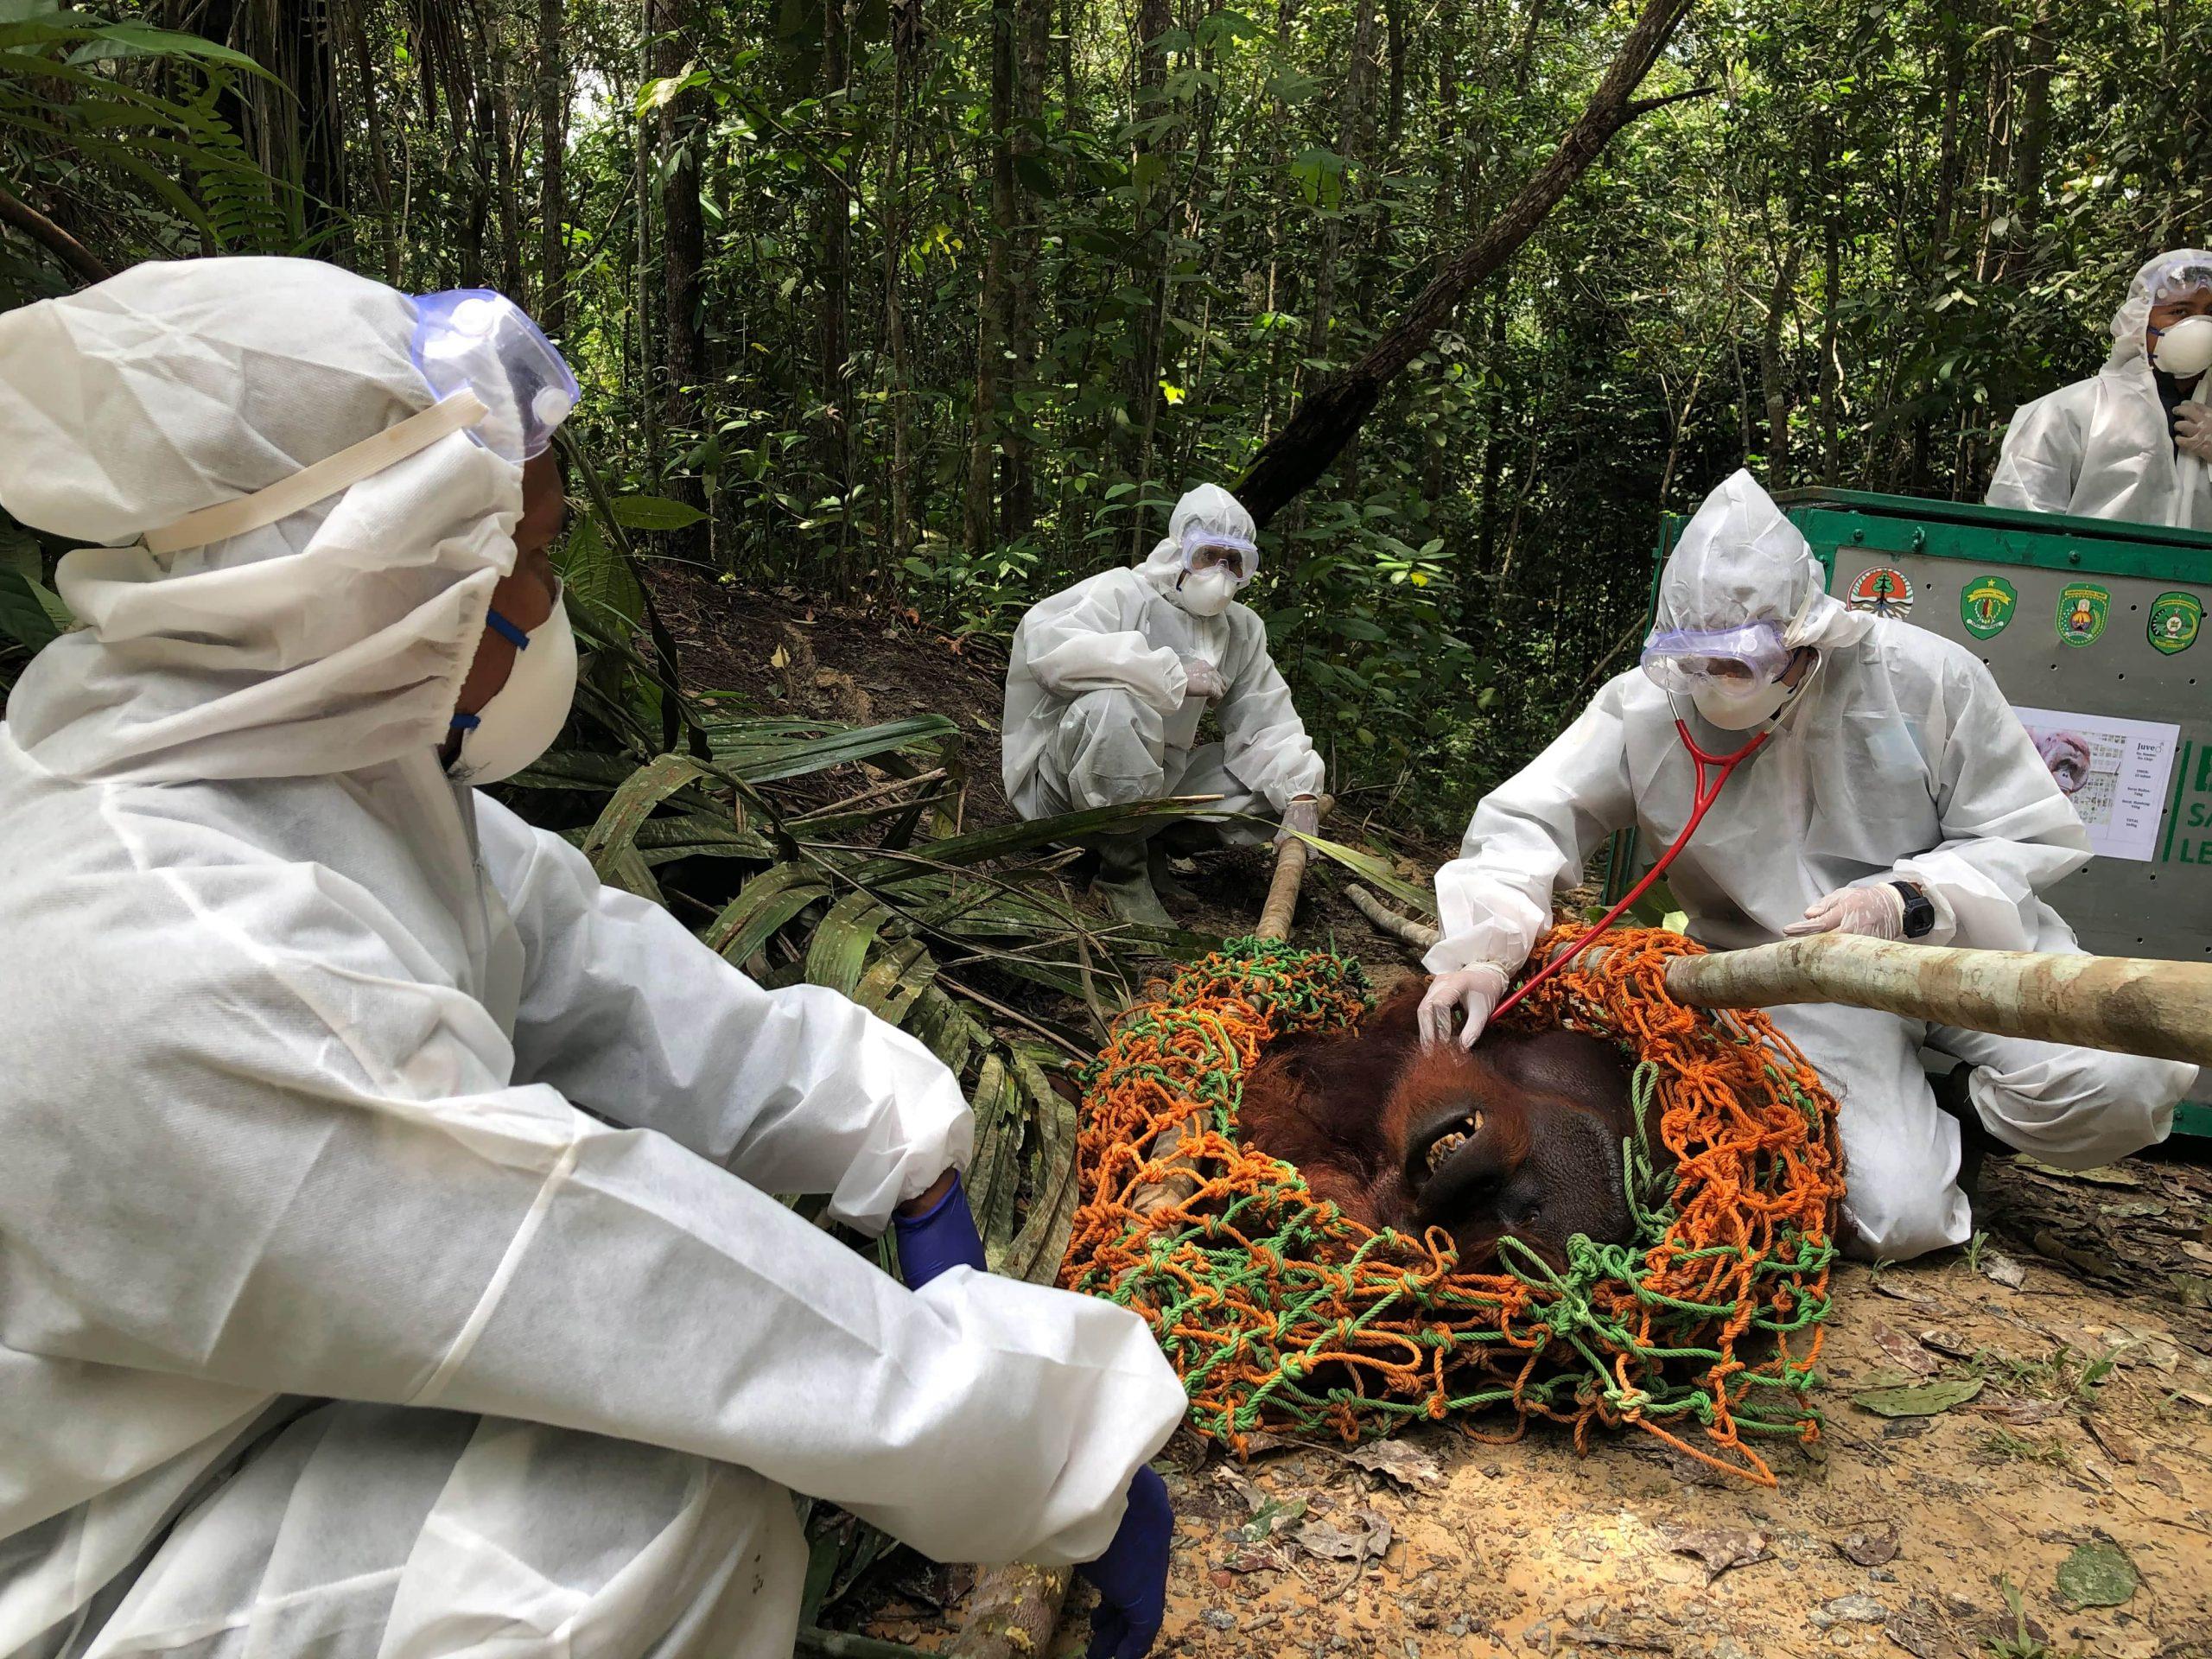 Orang-Utan kurz vor Freilassung, in Netz, vier Männer in Schutzanzügen wegen CODID-19